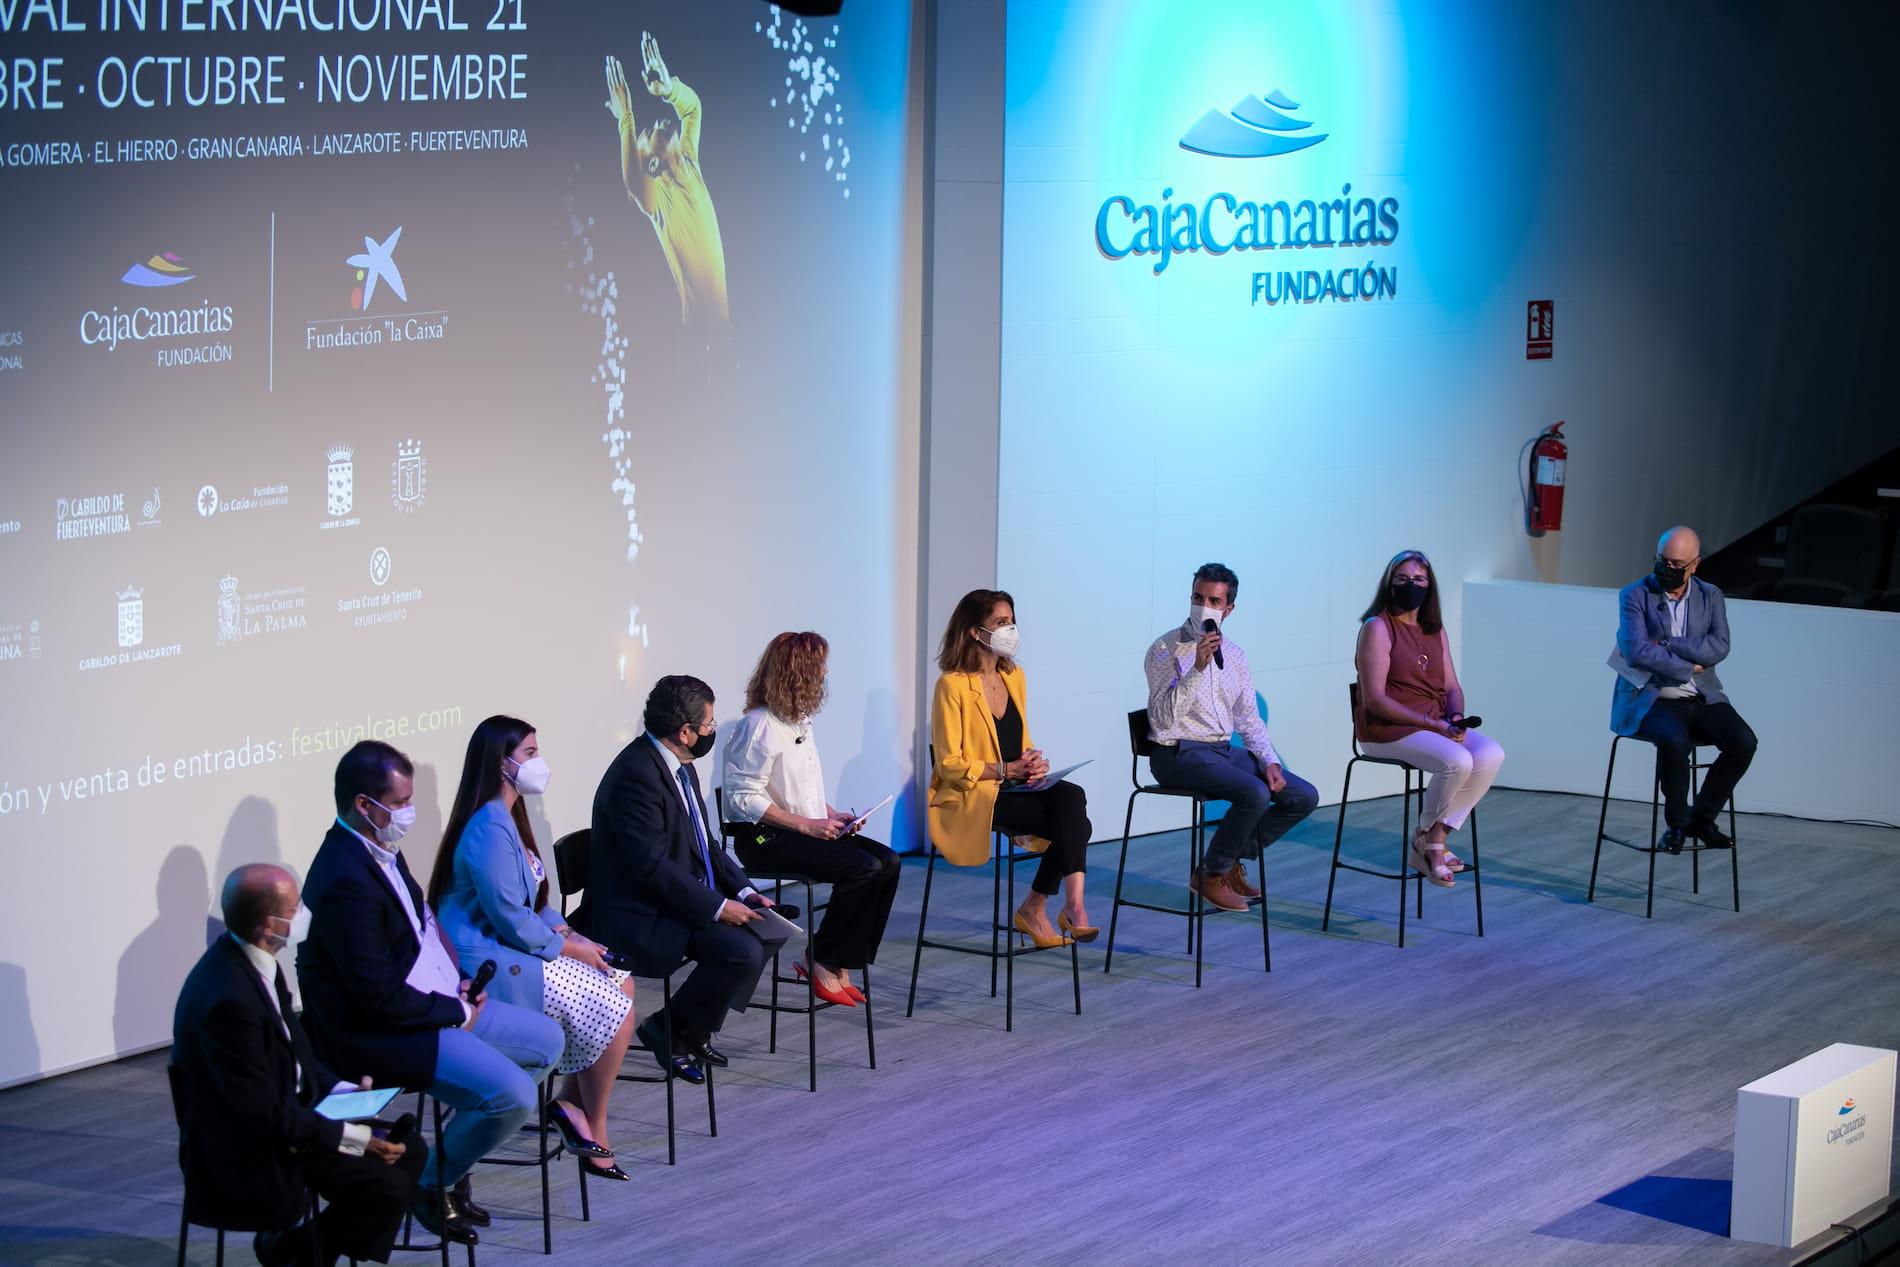 cajacanarias iv festival canarias artes escenicas2021 4